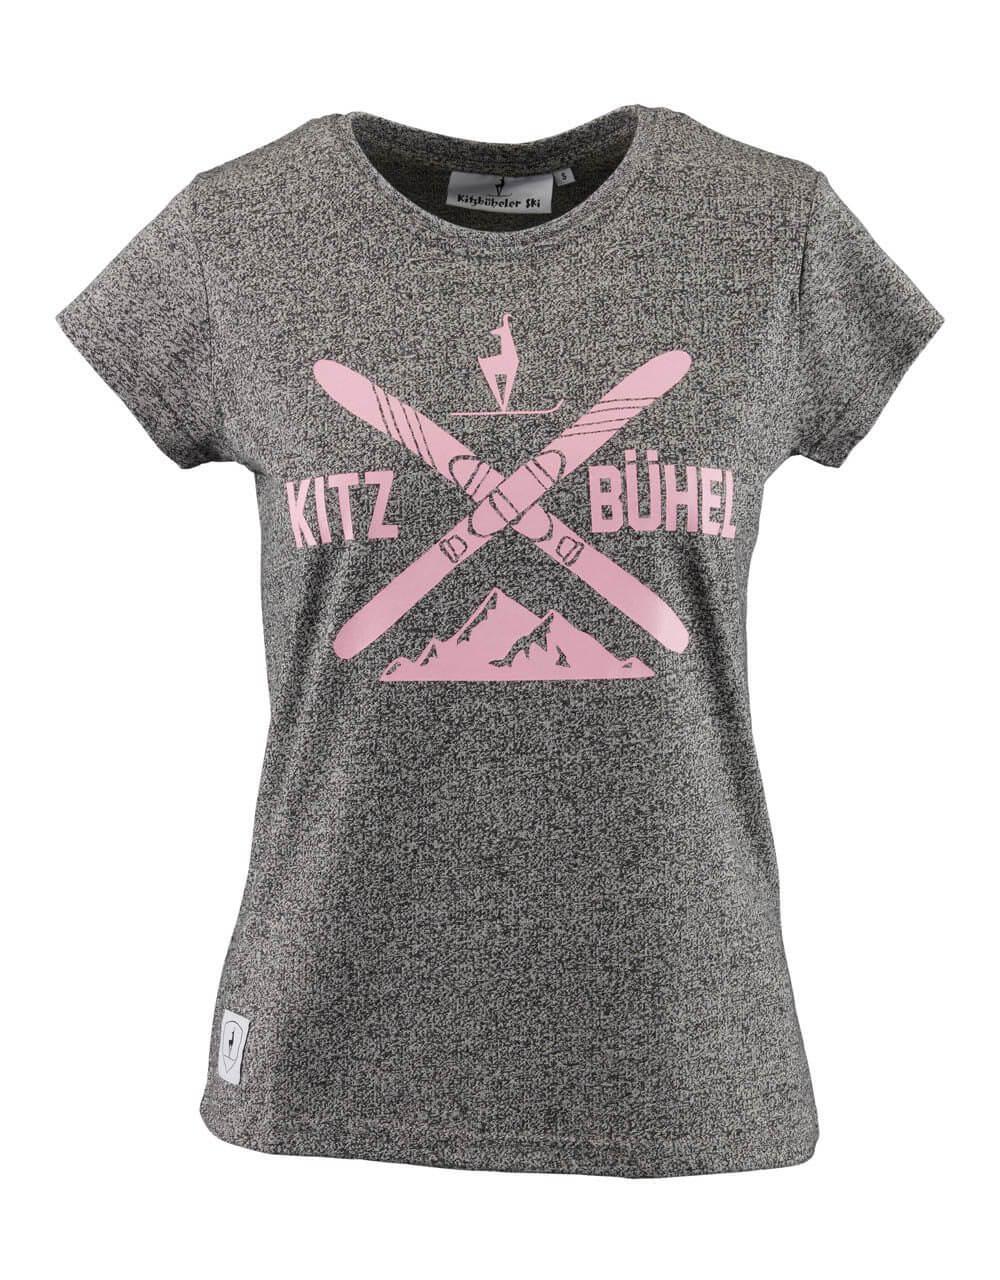 681524115 Damen T-Shirt grau